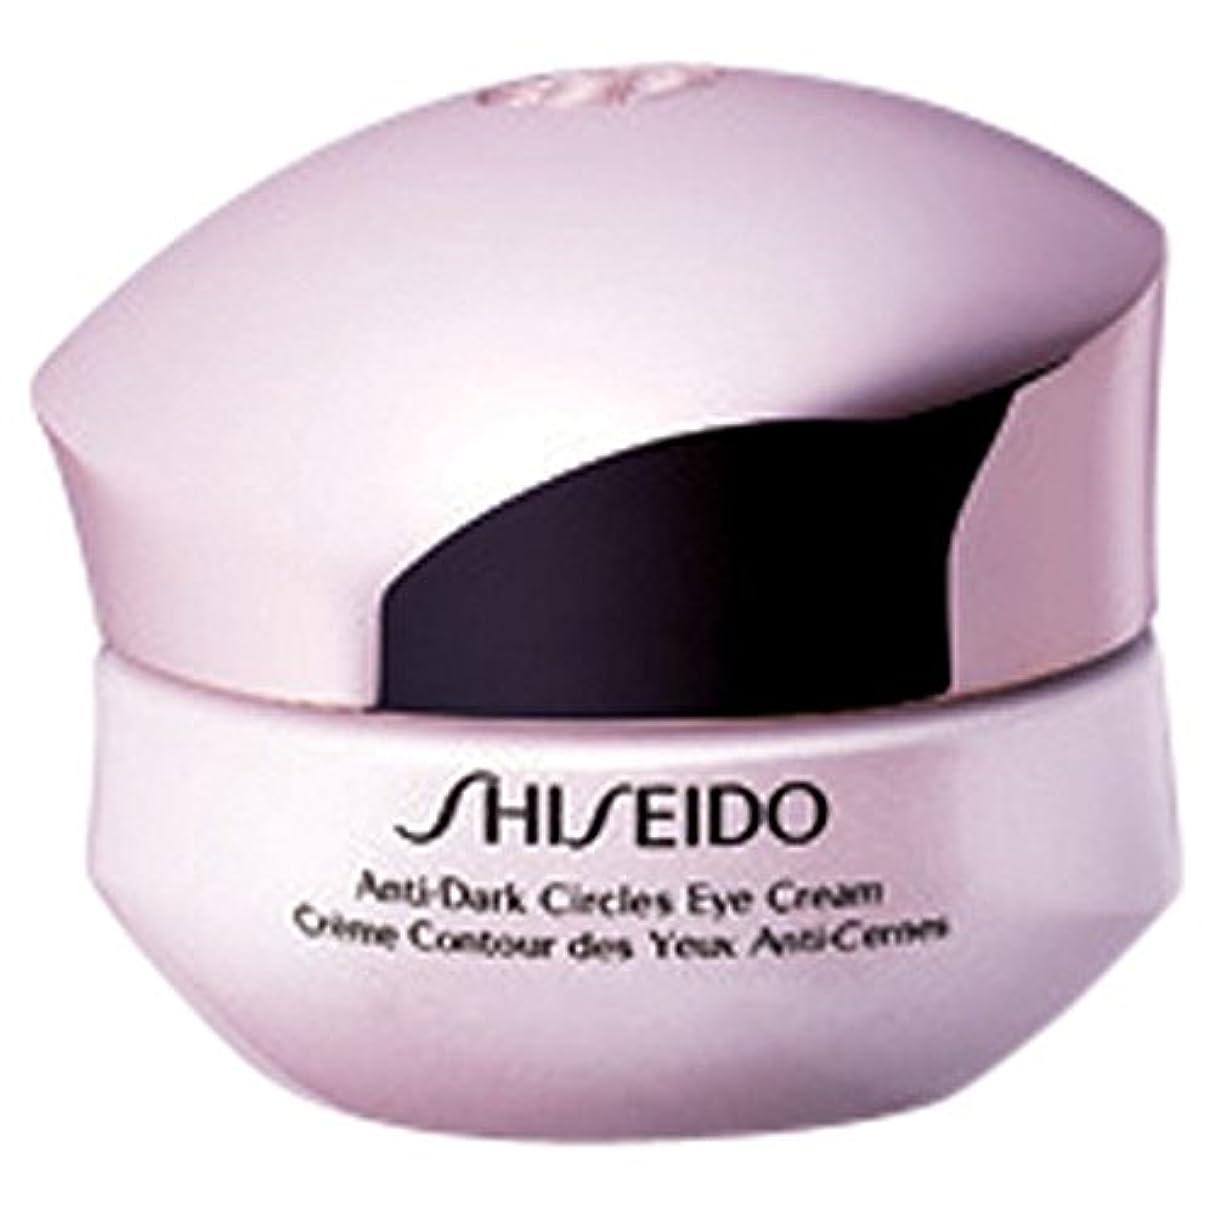 フィールド促す遺棄された[Shiseido] 資生堂アンチダークサークルアイクリーム15Ml - Shiseido Anti-Dark Circle Eye Cream 15ml [並行輸入品]